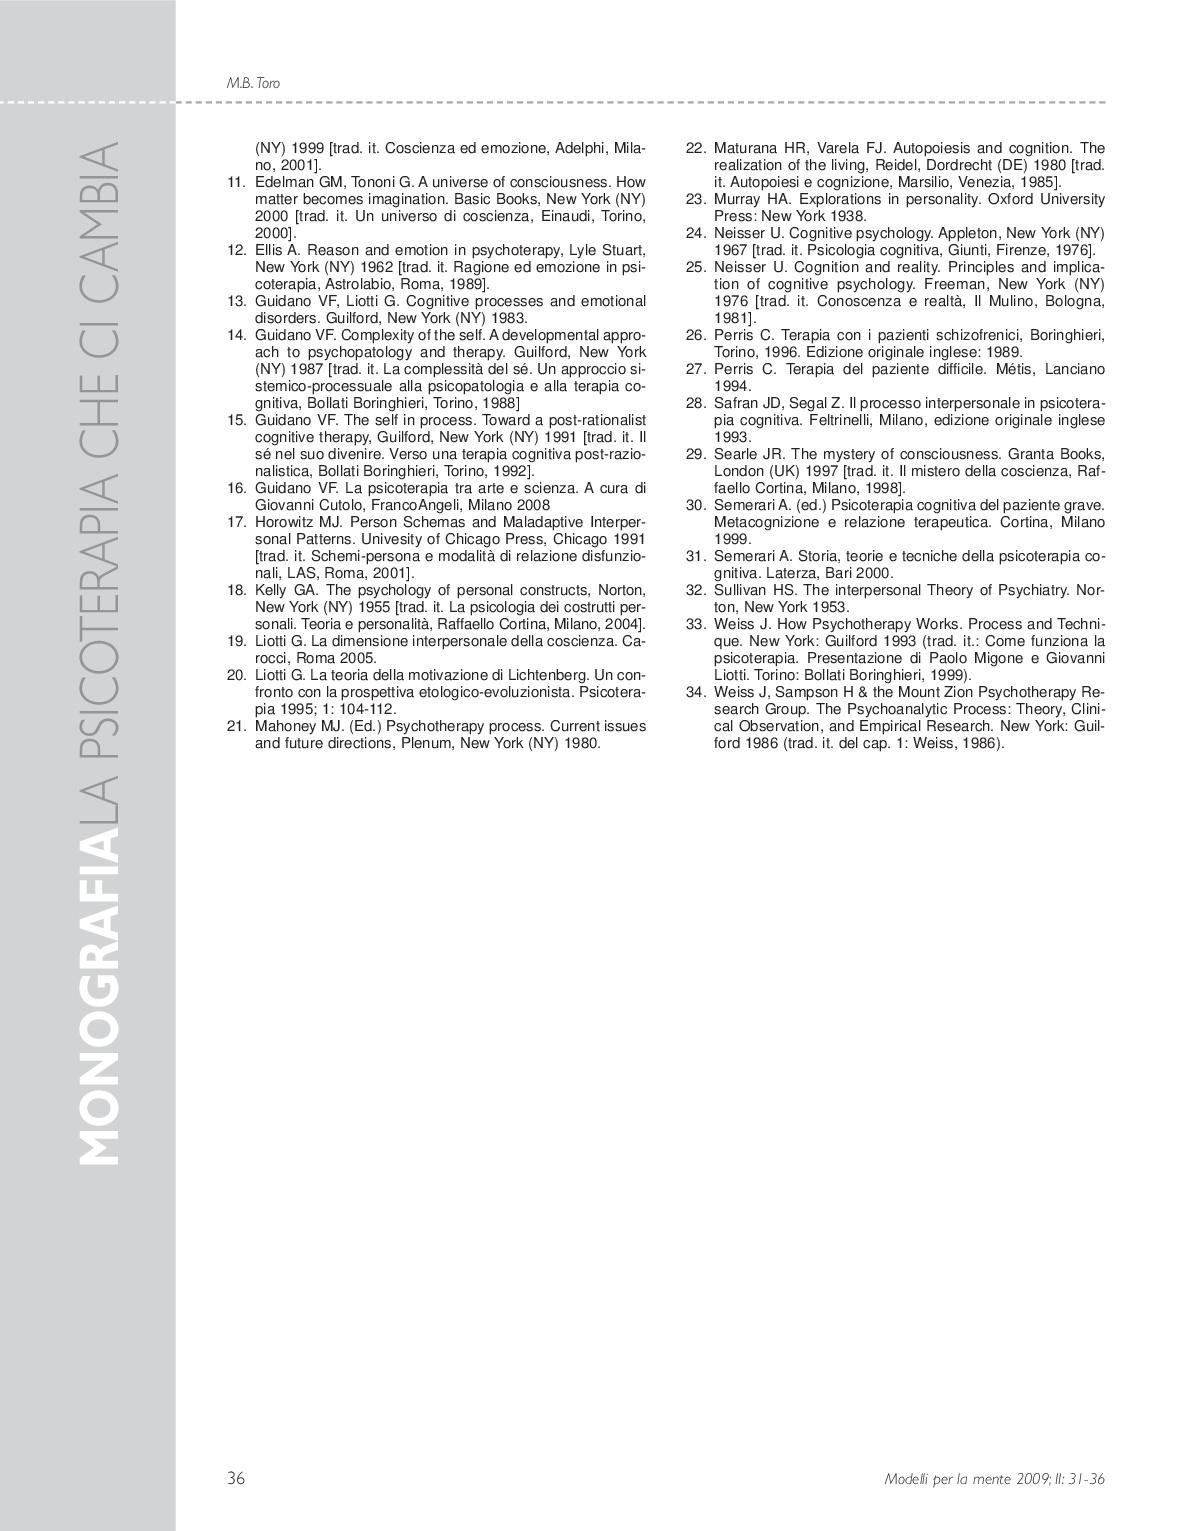 LA-PSICOTERAPIA-COGNITIVO-INTERPERSONALEsmall-006